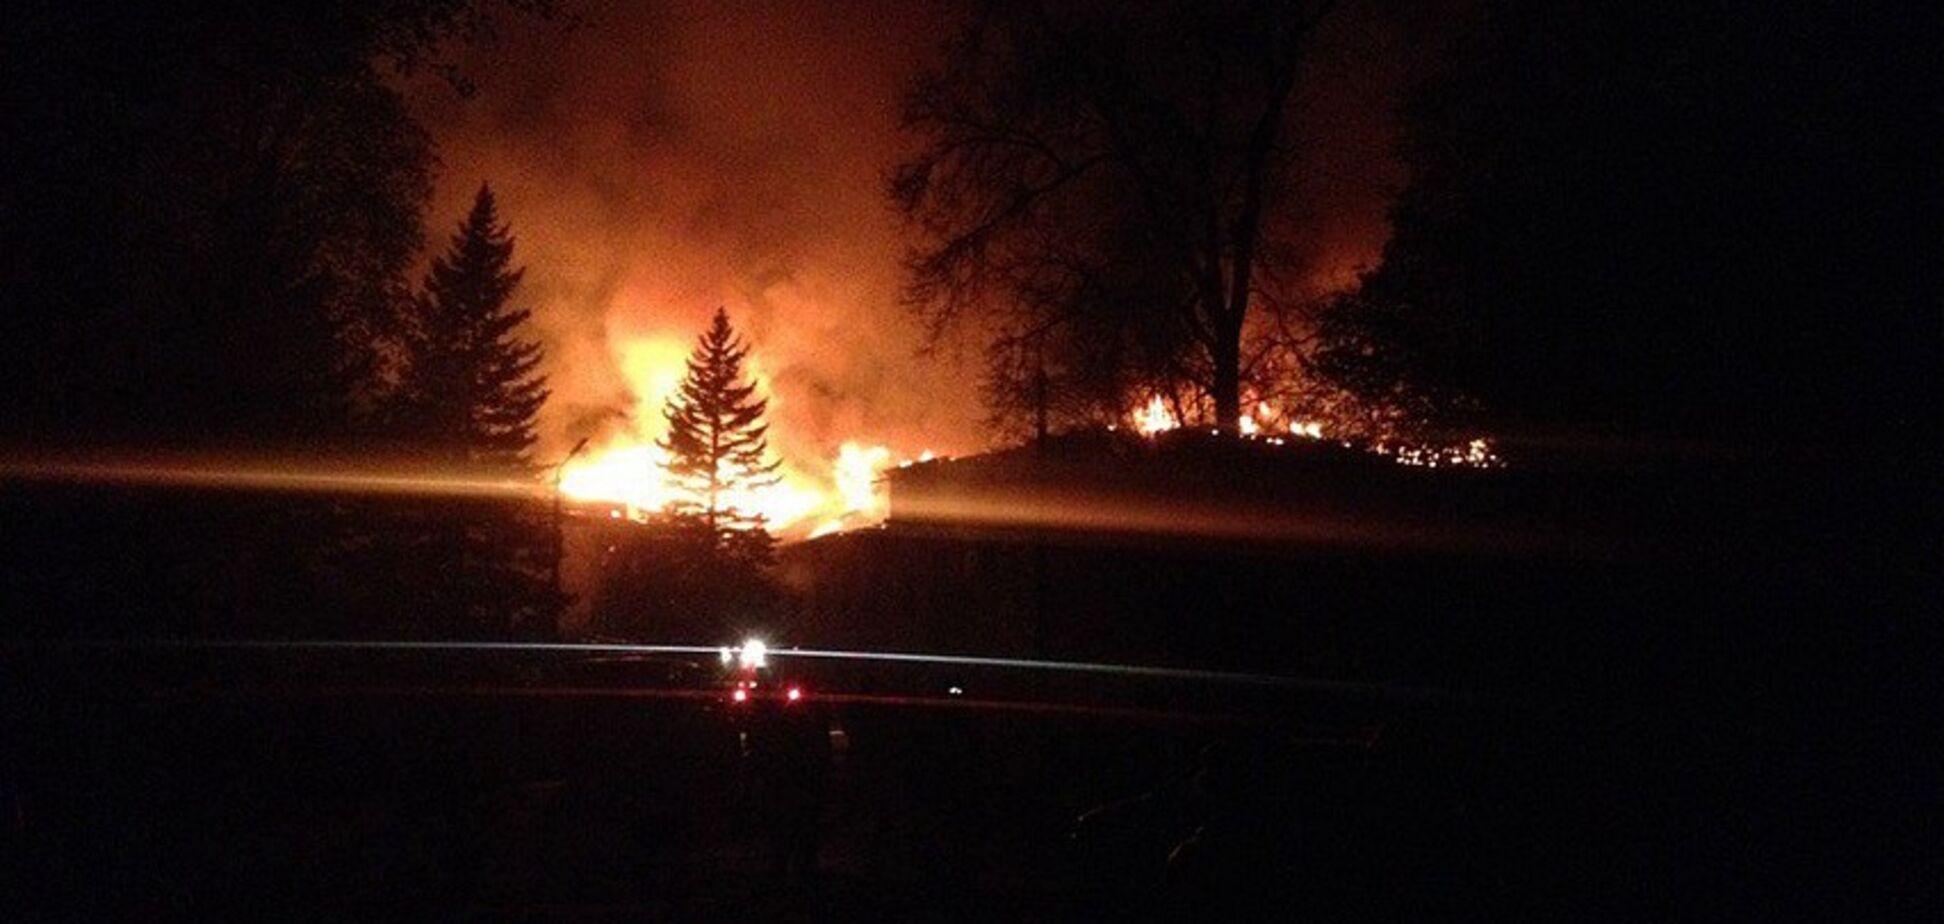 У Донецьку спалахнула пожежа на шахті: опубліковано фото та відео